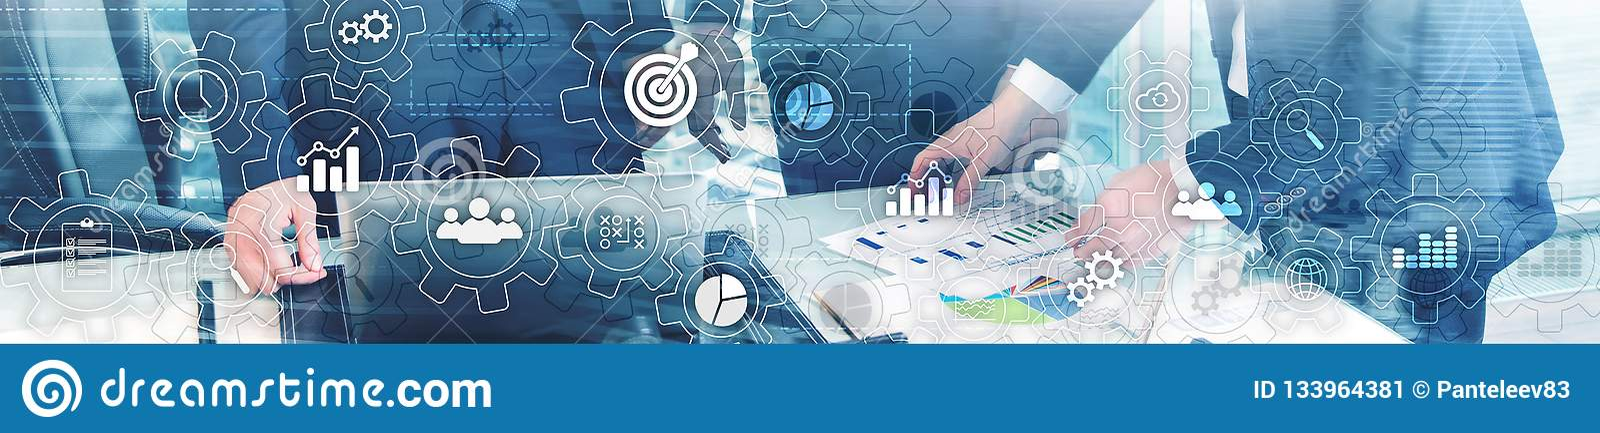 Diagramme d abrégé sur processus d affaires avec des vitesses et des icônes Concept de technologie de déroulement des opérations